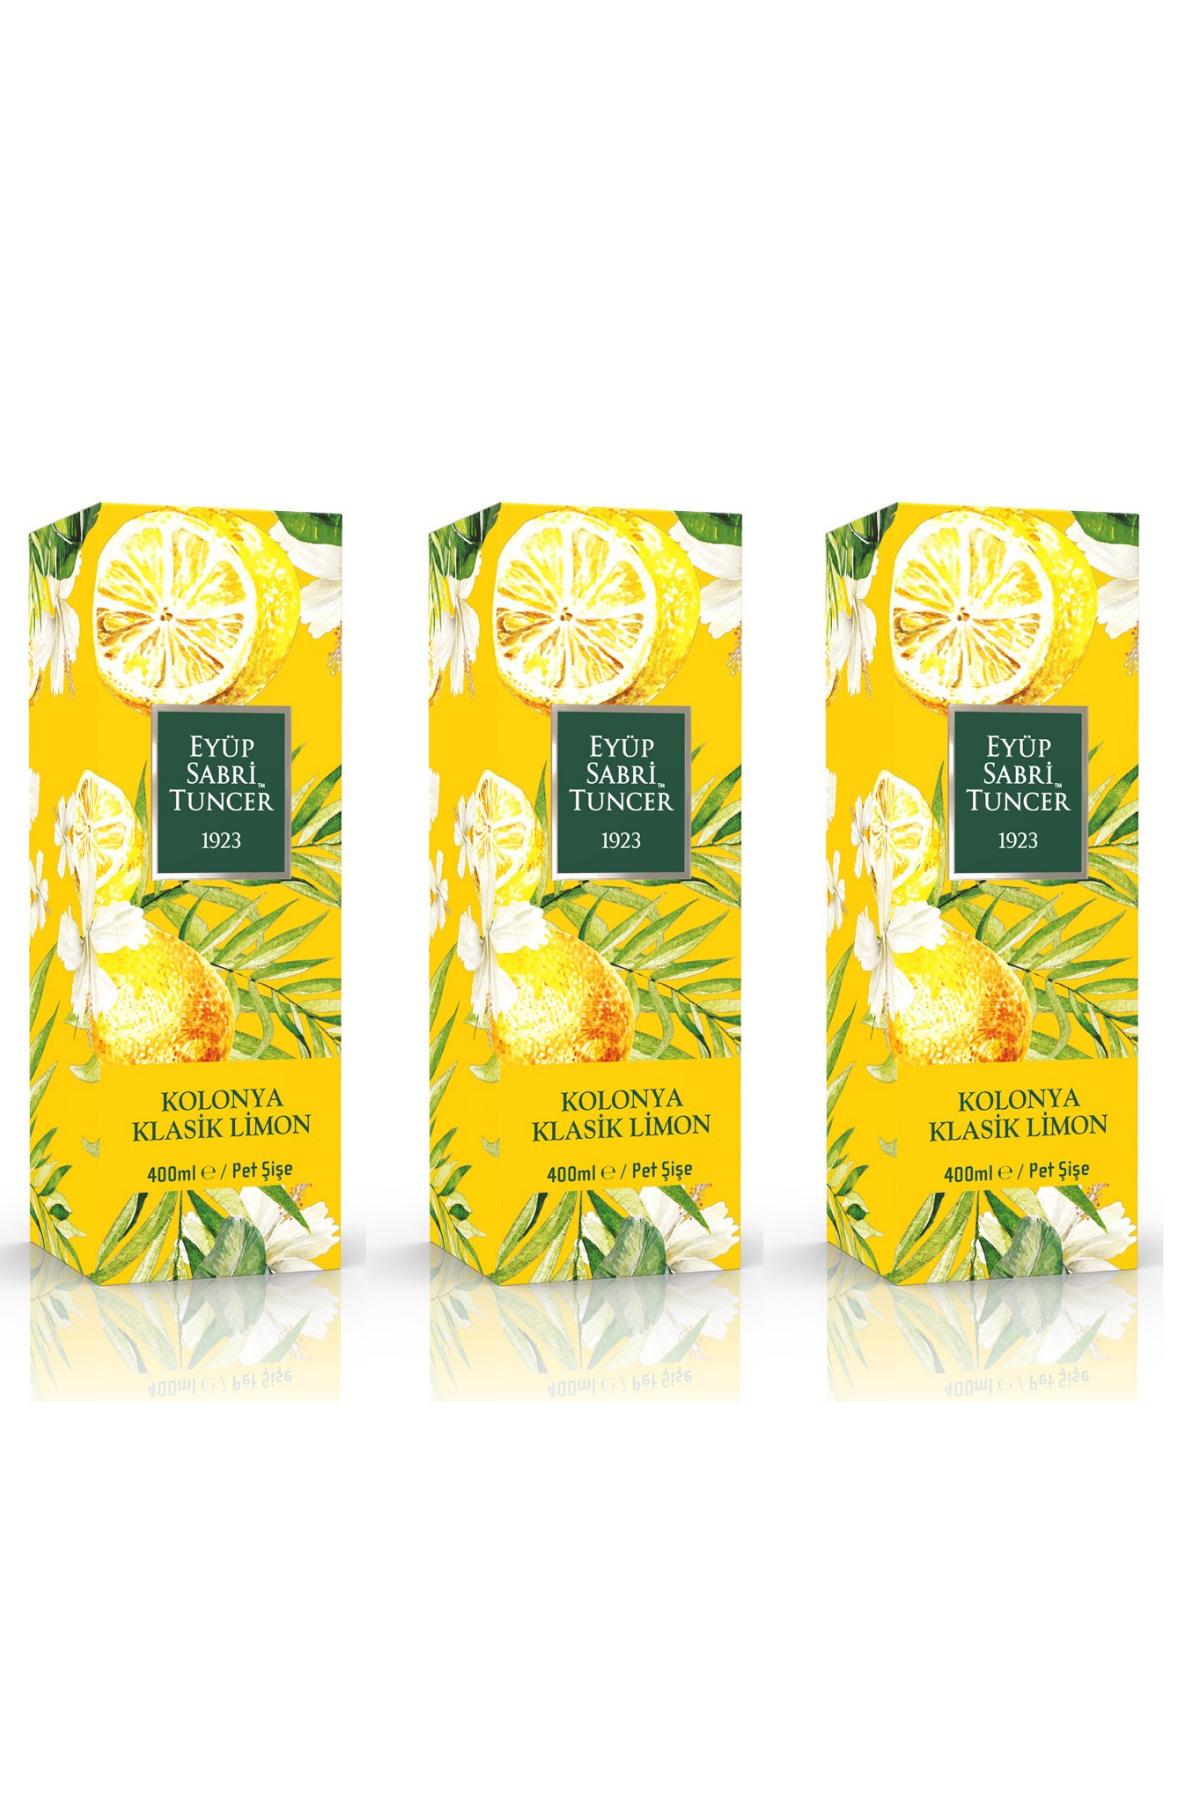 Eyüp Sabri Tuncer Klasik Limon Kolonyası 400 ml - Pet Şişe x 3 Adet